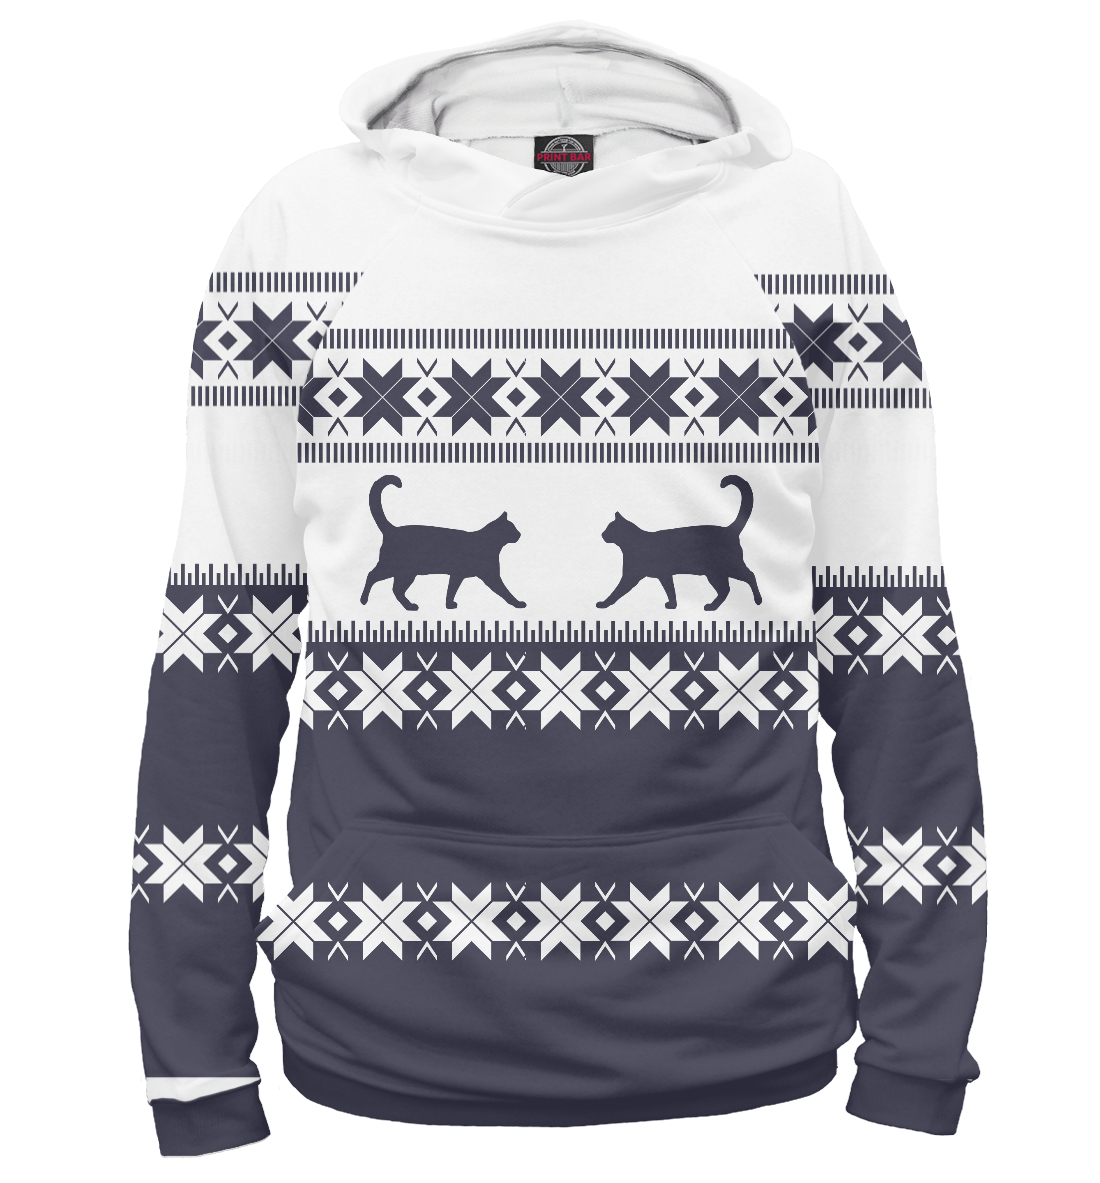 Купить Зимний свитер с котиками, Printbar, Худи, CAT-235588-hud-2